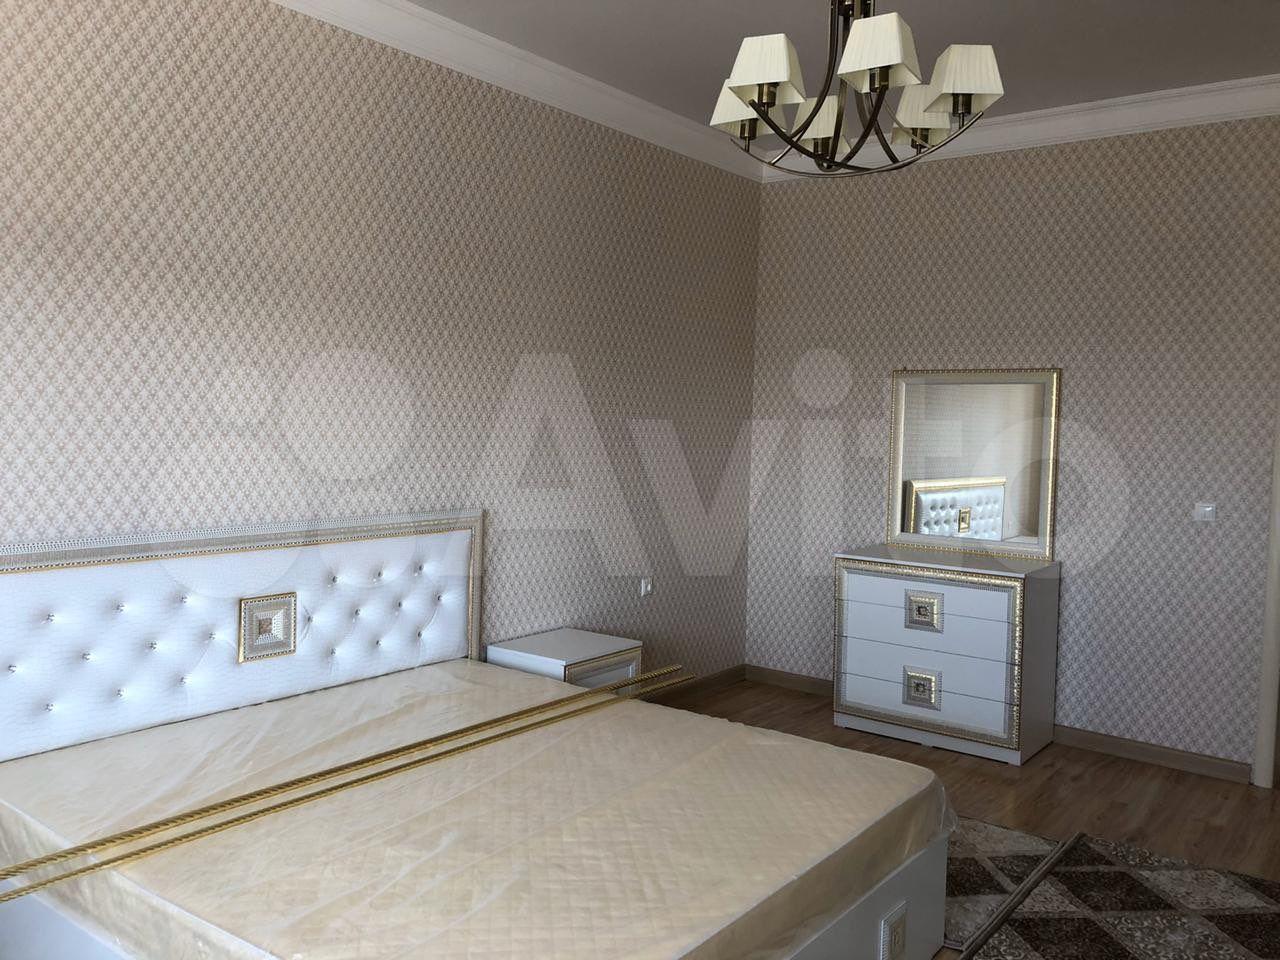 2-к квартира, 105 м², 10/16 эт.  89611344188 купить 10